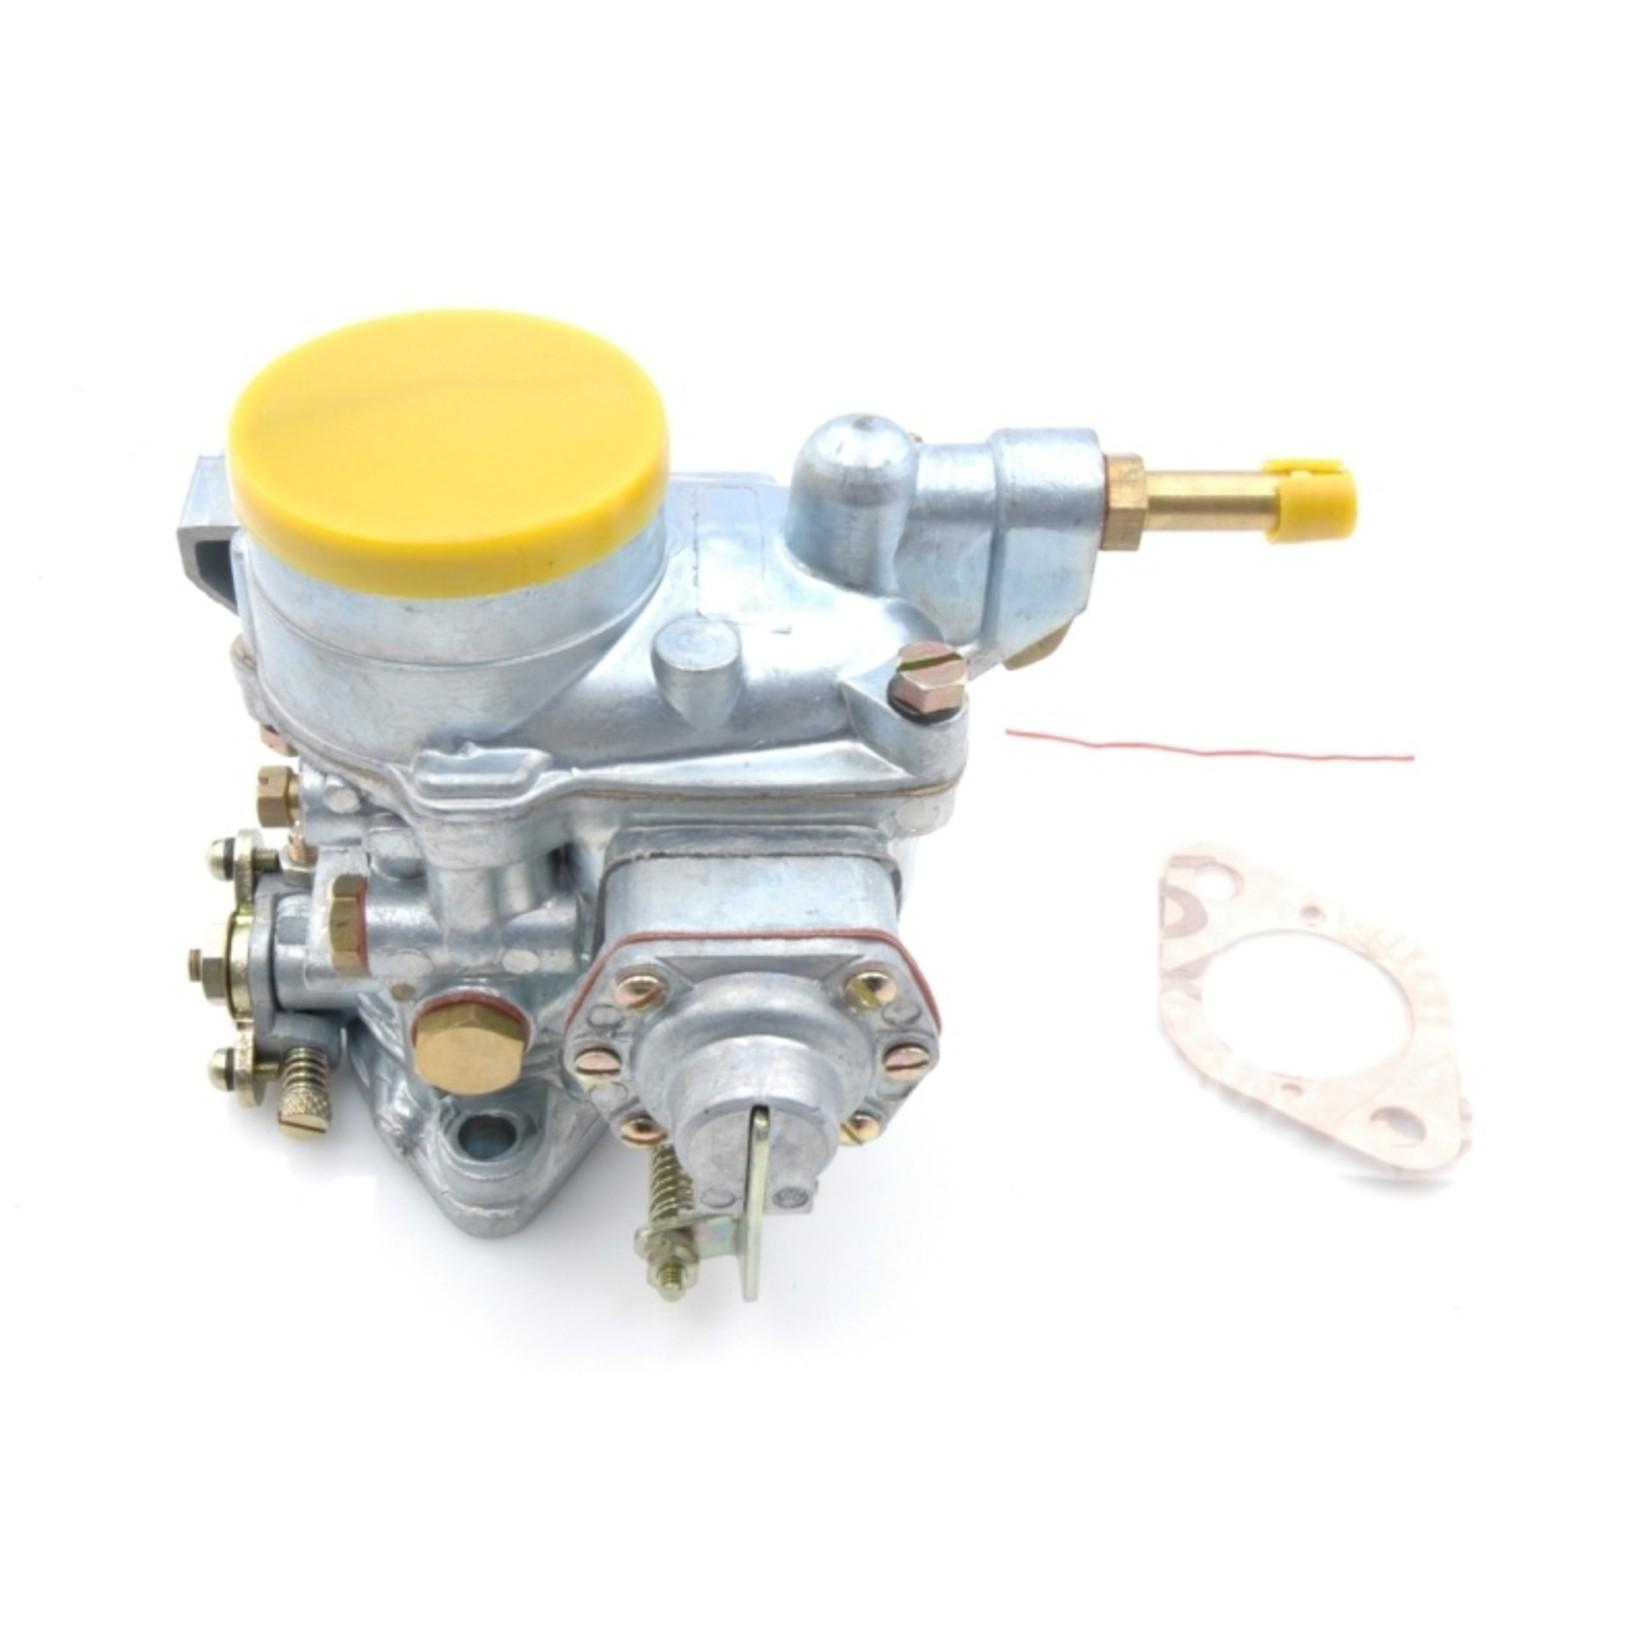 Carburateur 65-68 Solex 34 PBIC